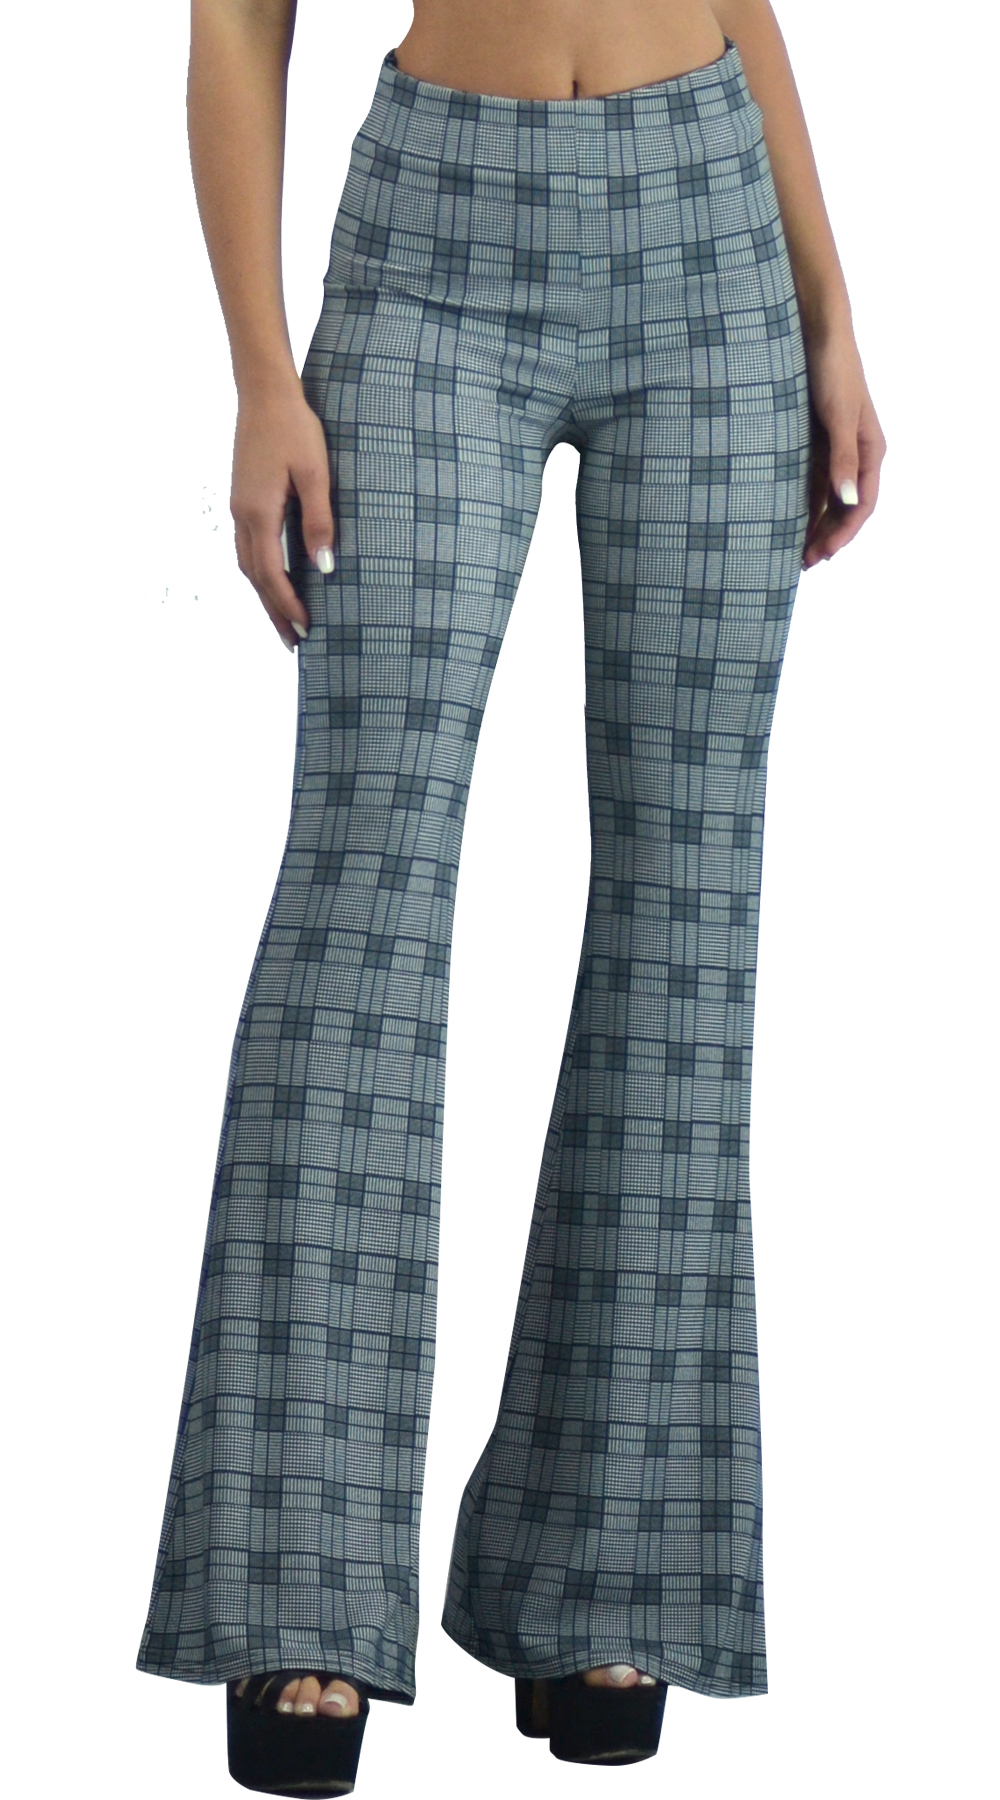 Γυναικείο παντελόνι καμπάνα καρό ψηλόμεσο back to 70s Online - ONLINE - FA17ON-3 ενδύματα office look